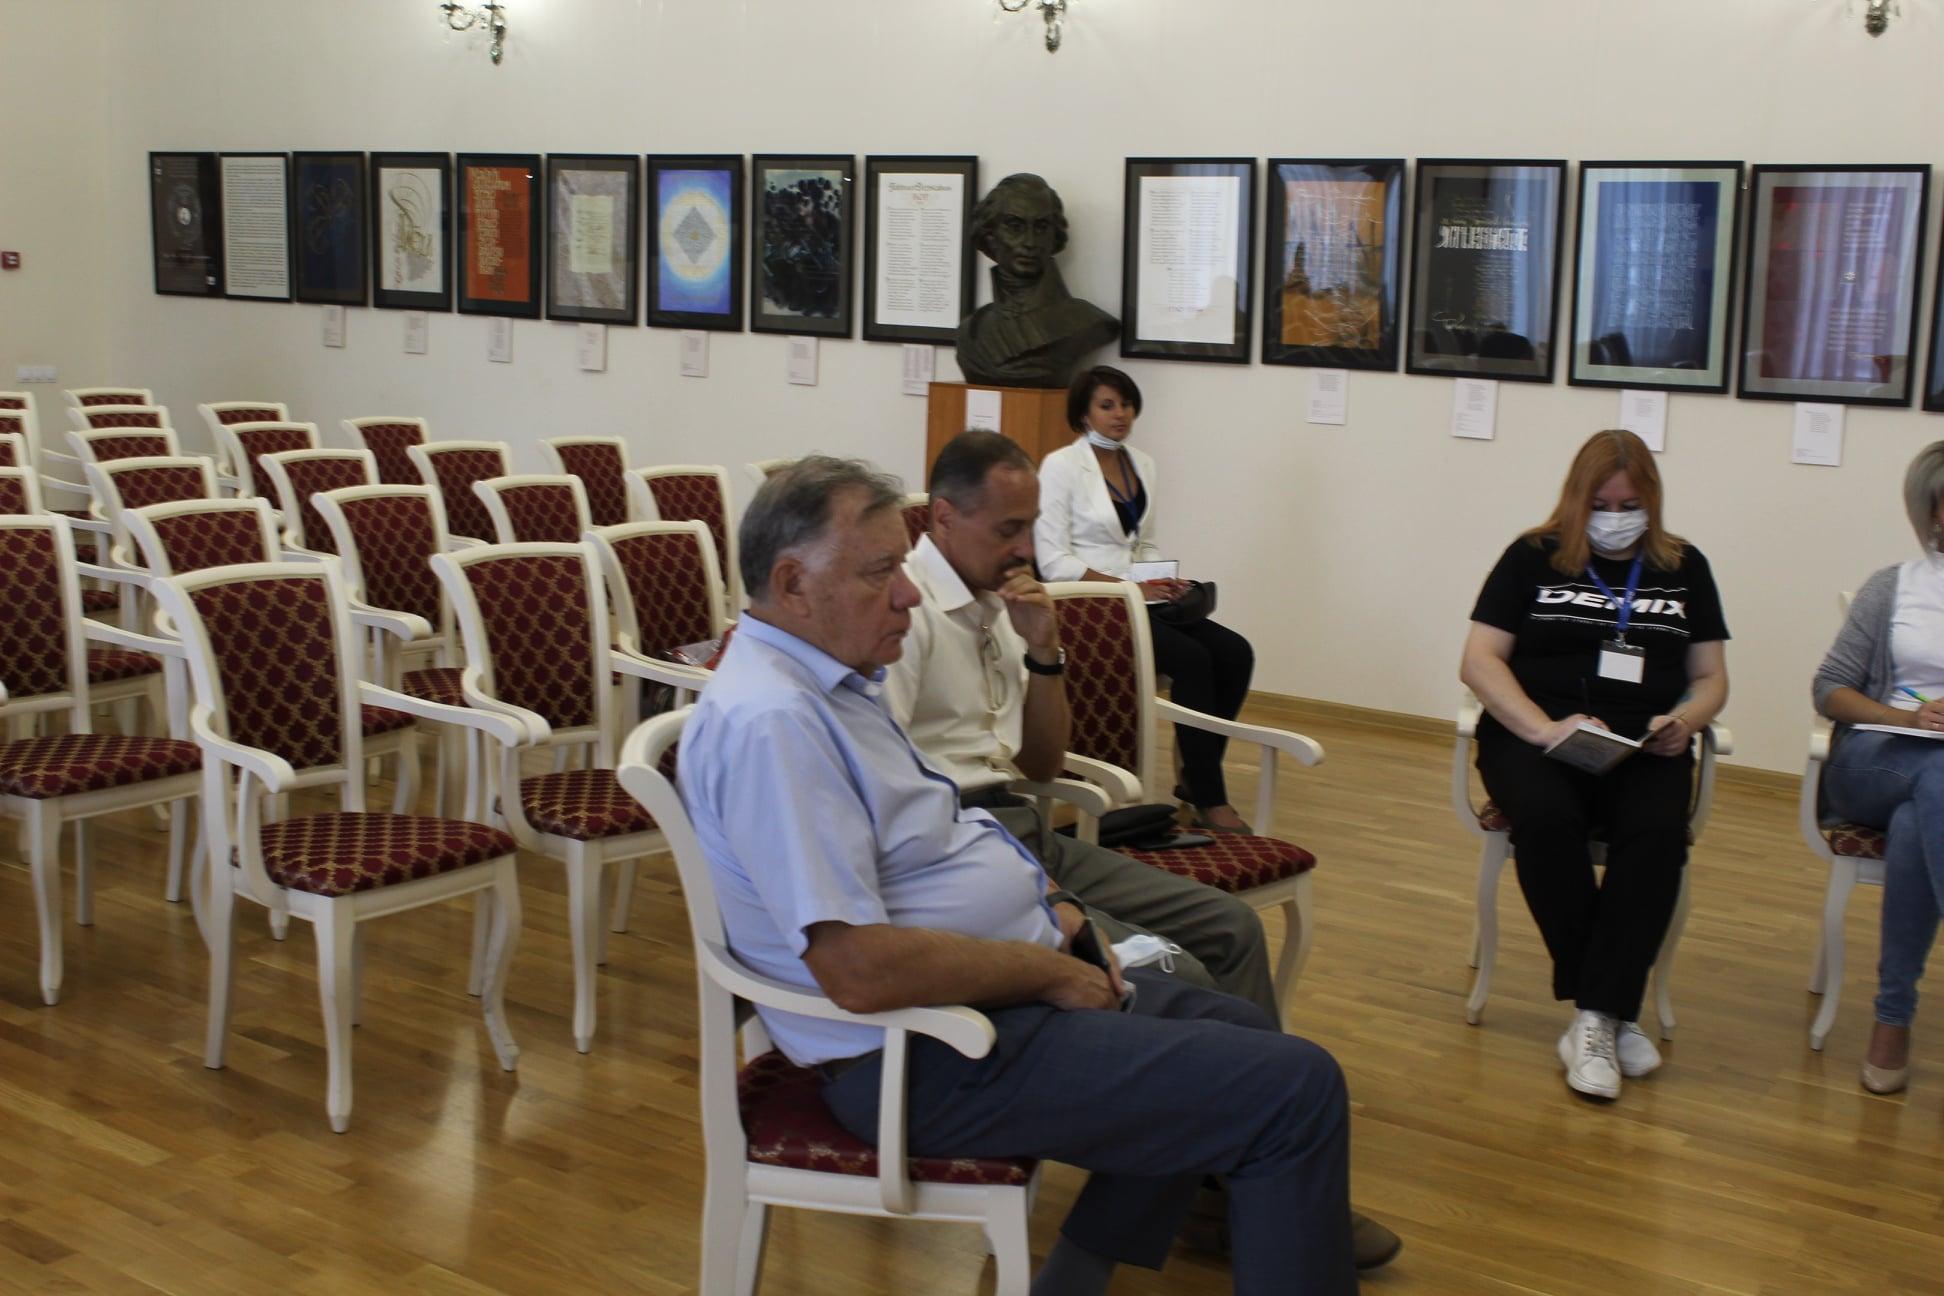 В Тамбовской области началась подготовка к празднованию Дня дружбы народов